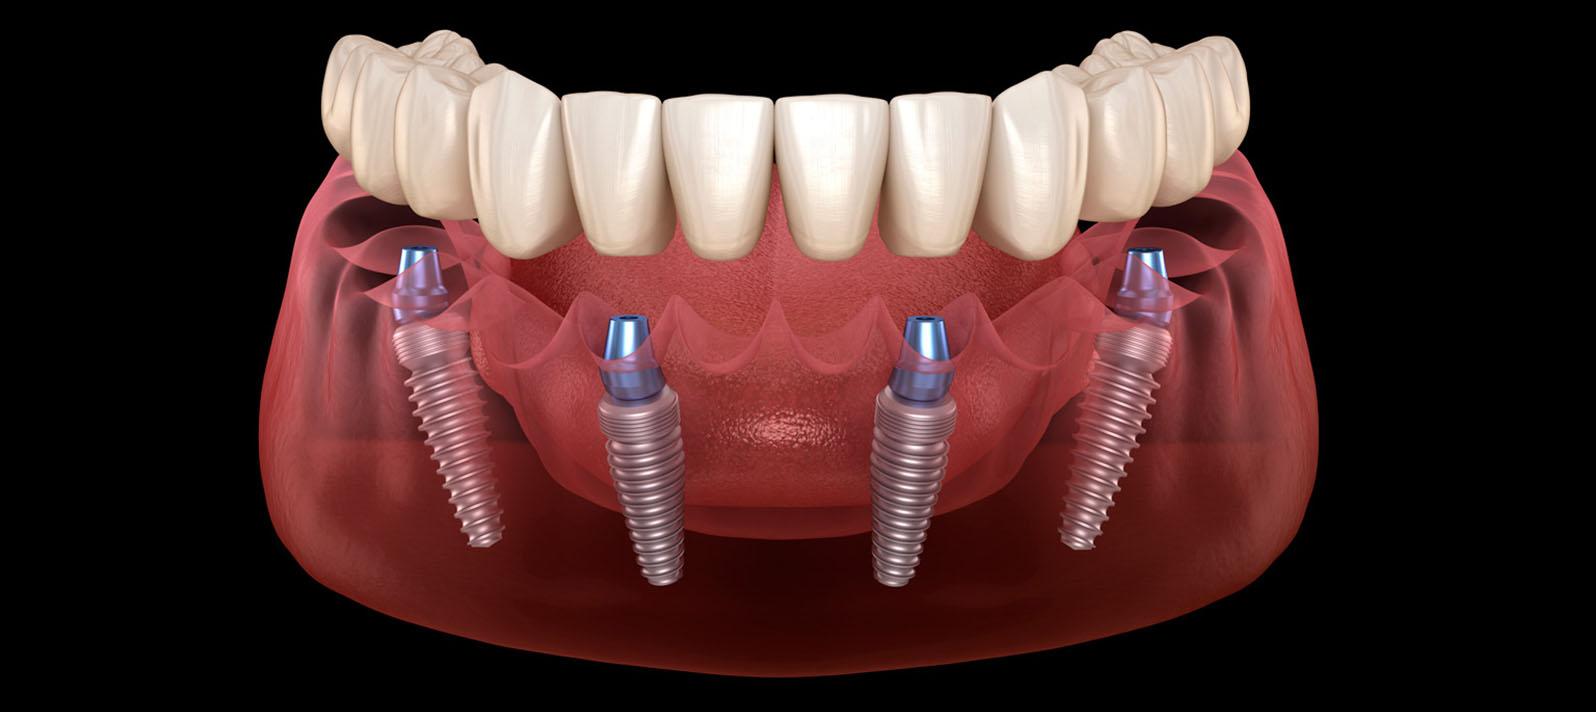 Dental Roca ya cuenta con tecnología X-GUIDE para implantología